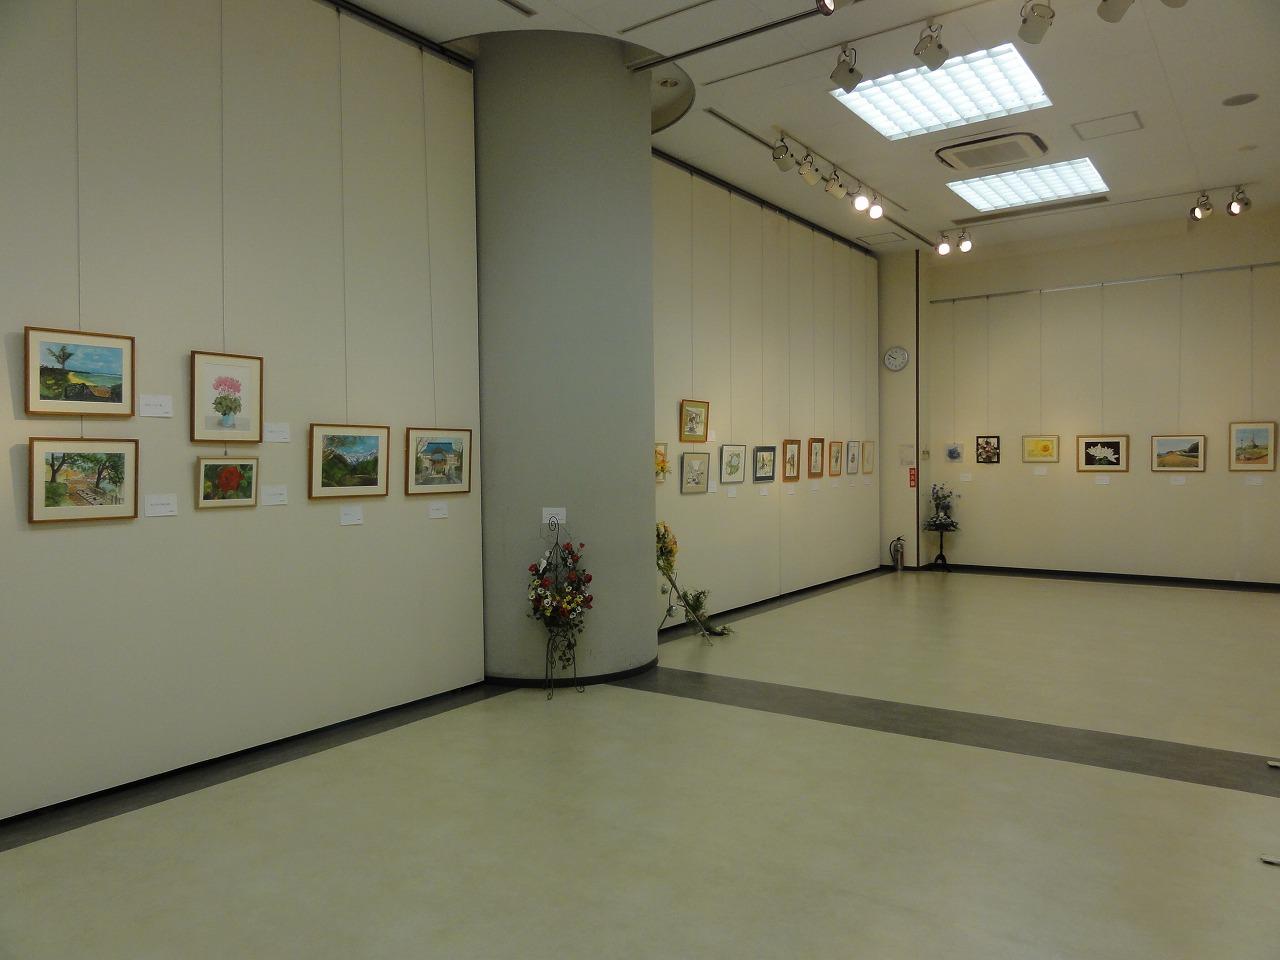 岸本ちゑみ(大原まどか)水彩画展、ひまわりアートサークル水彩画展、フラワーアレンジメント